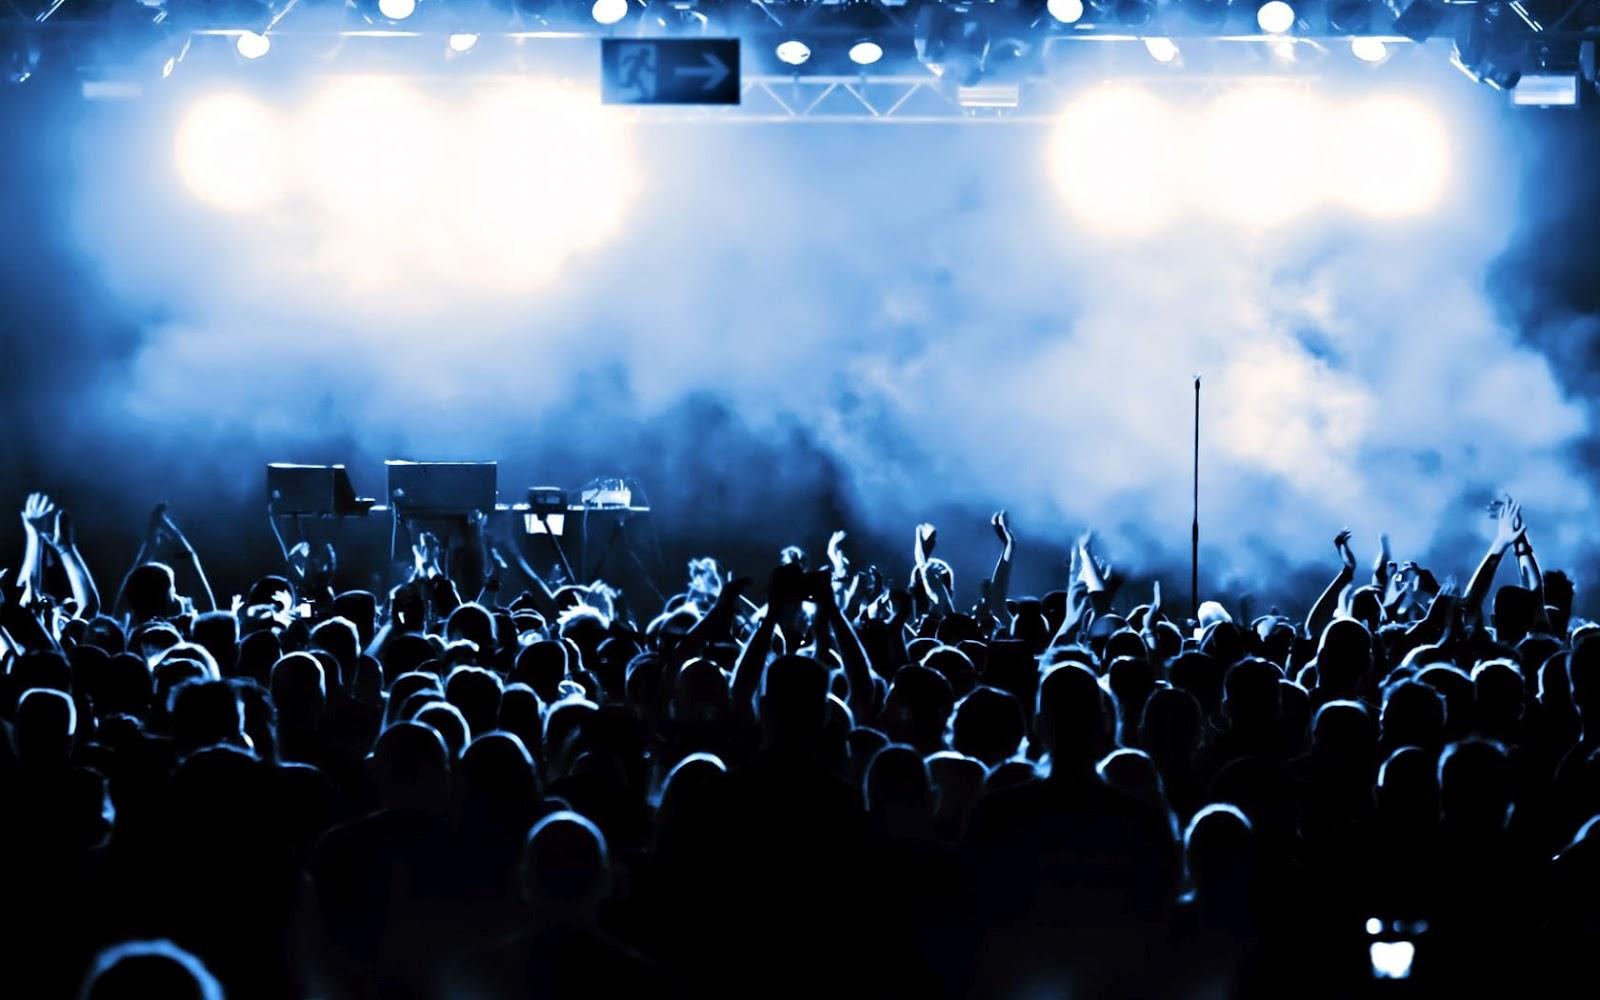 http://1.bp.blogspot.com/-wdn0y9eCG74/T32jAr3ASDI/AAAAAAAABbk/k-LsDsHH8hs/s1600/Music-concert-noise-wallpaper_1680x1050.jpg